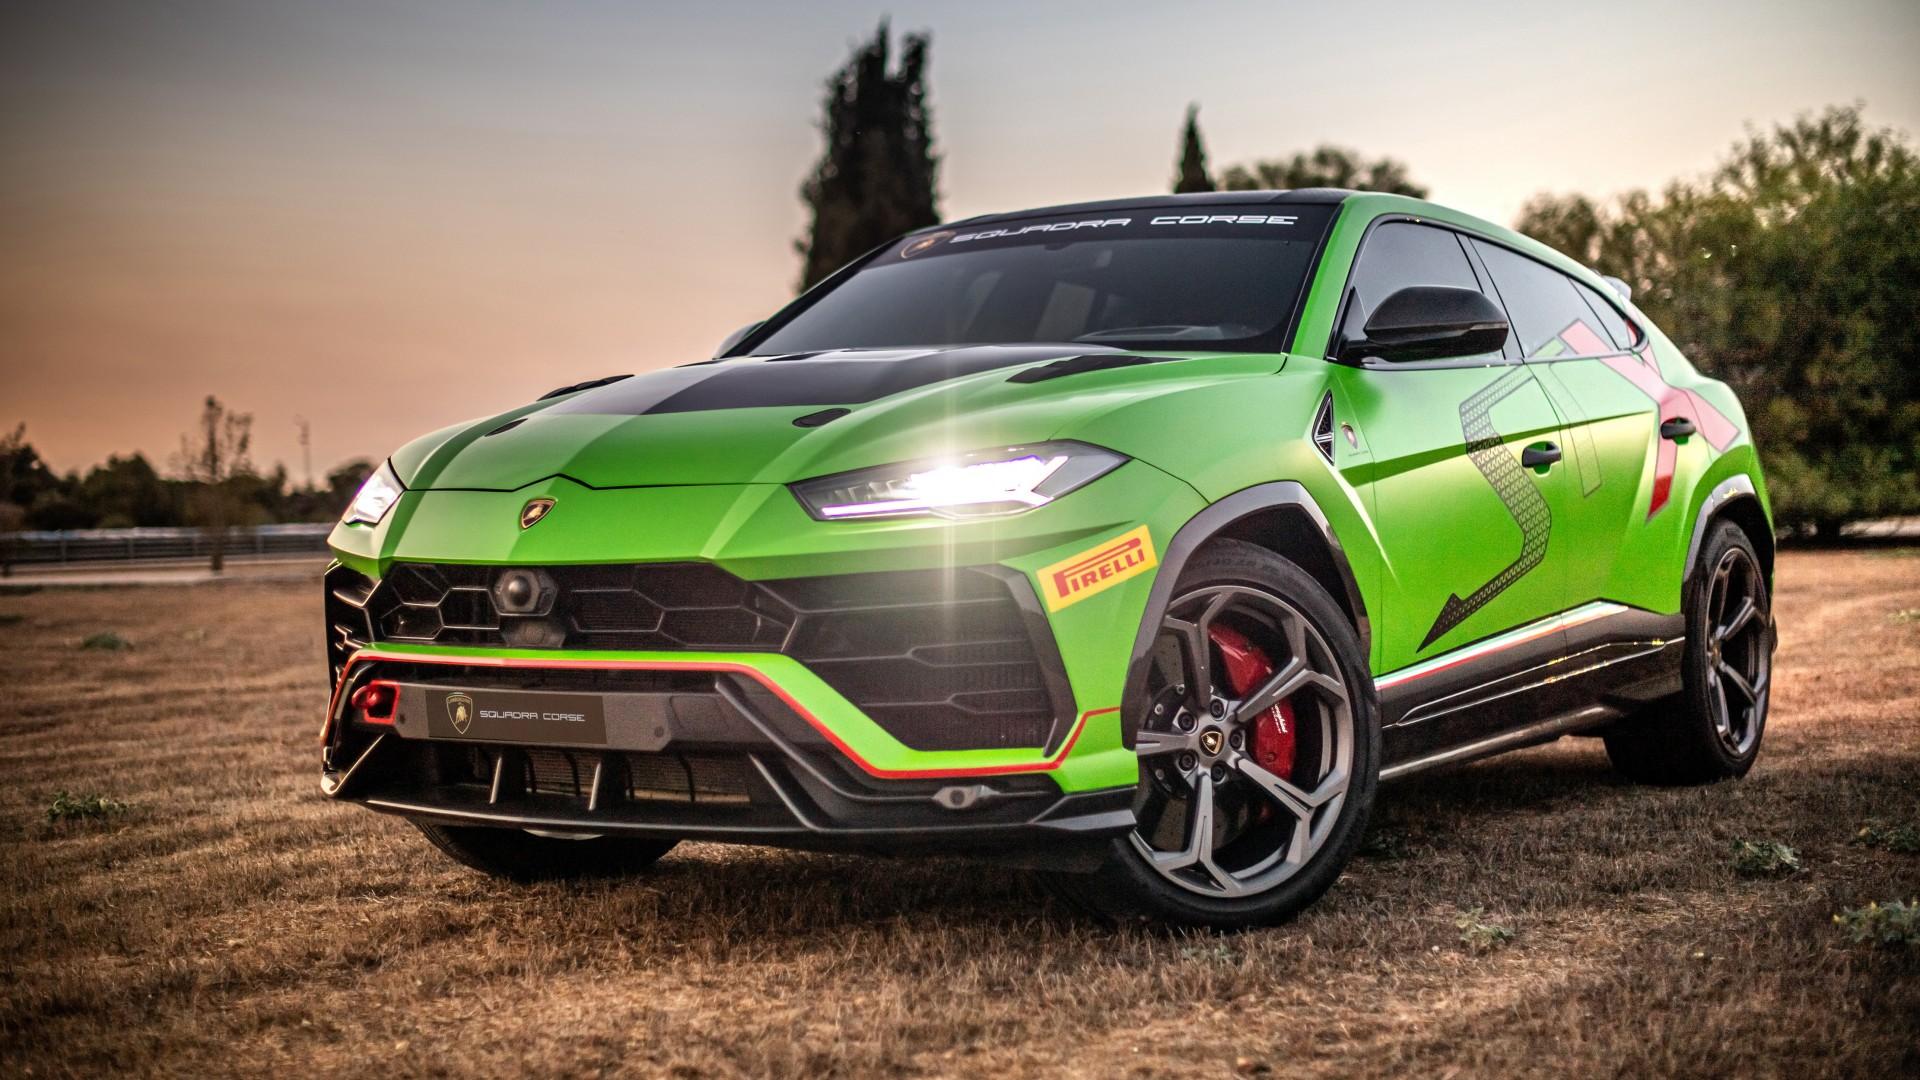 Lamborghini Urus ST-X 2020 4K Wallpaper | HD Car ...